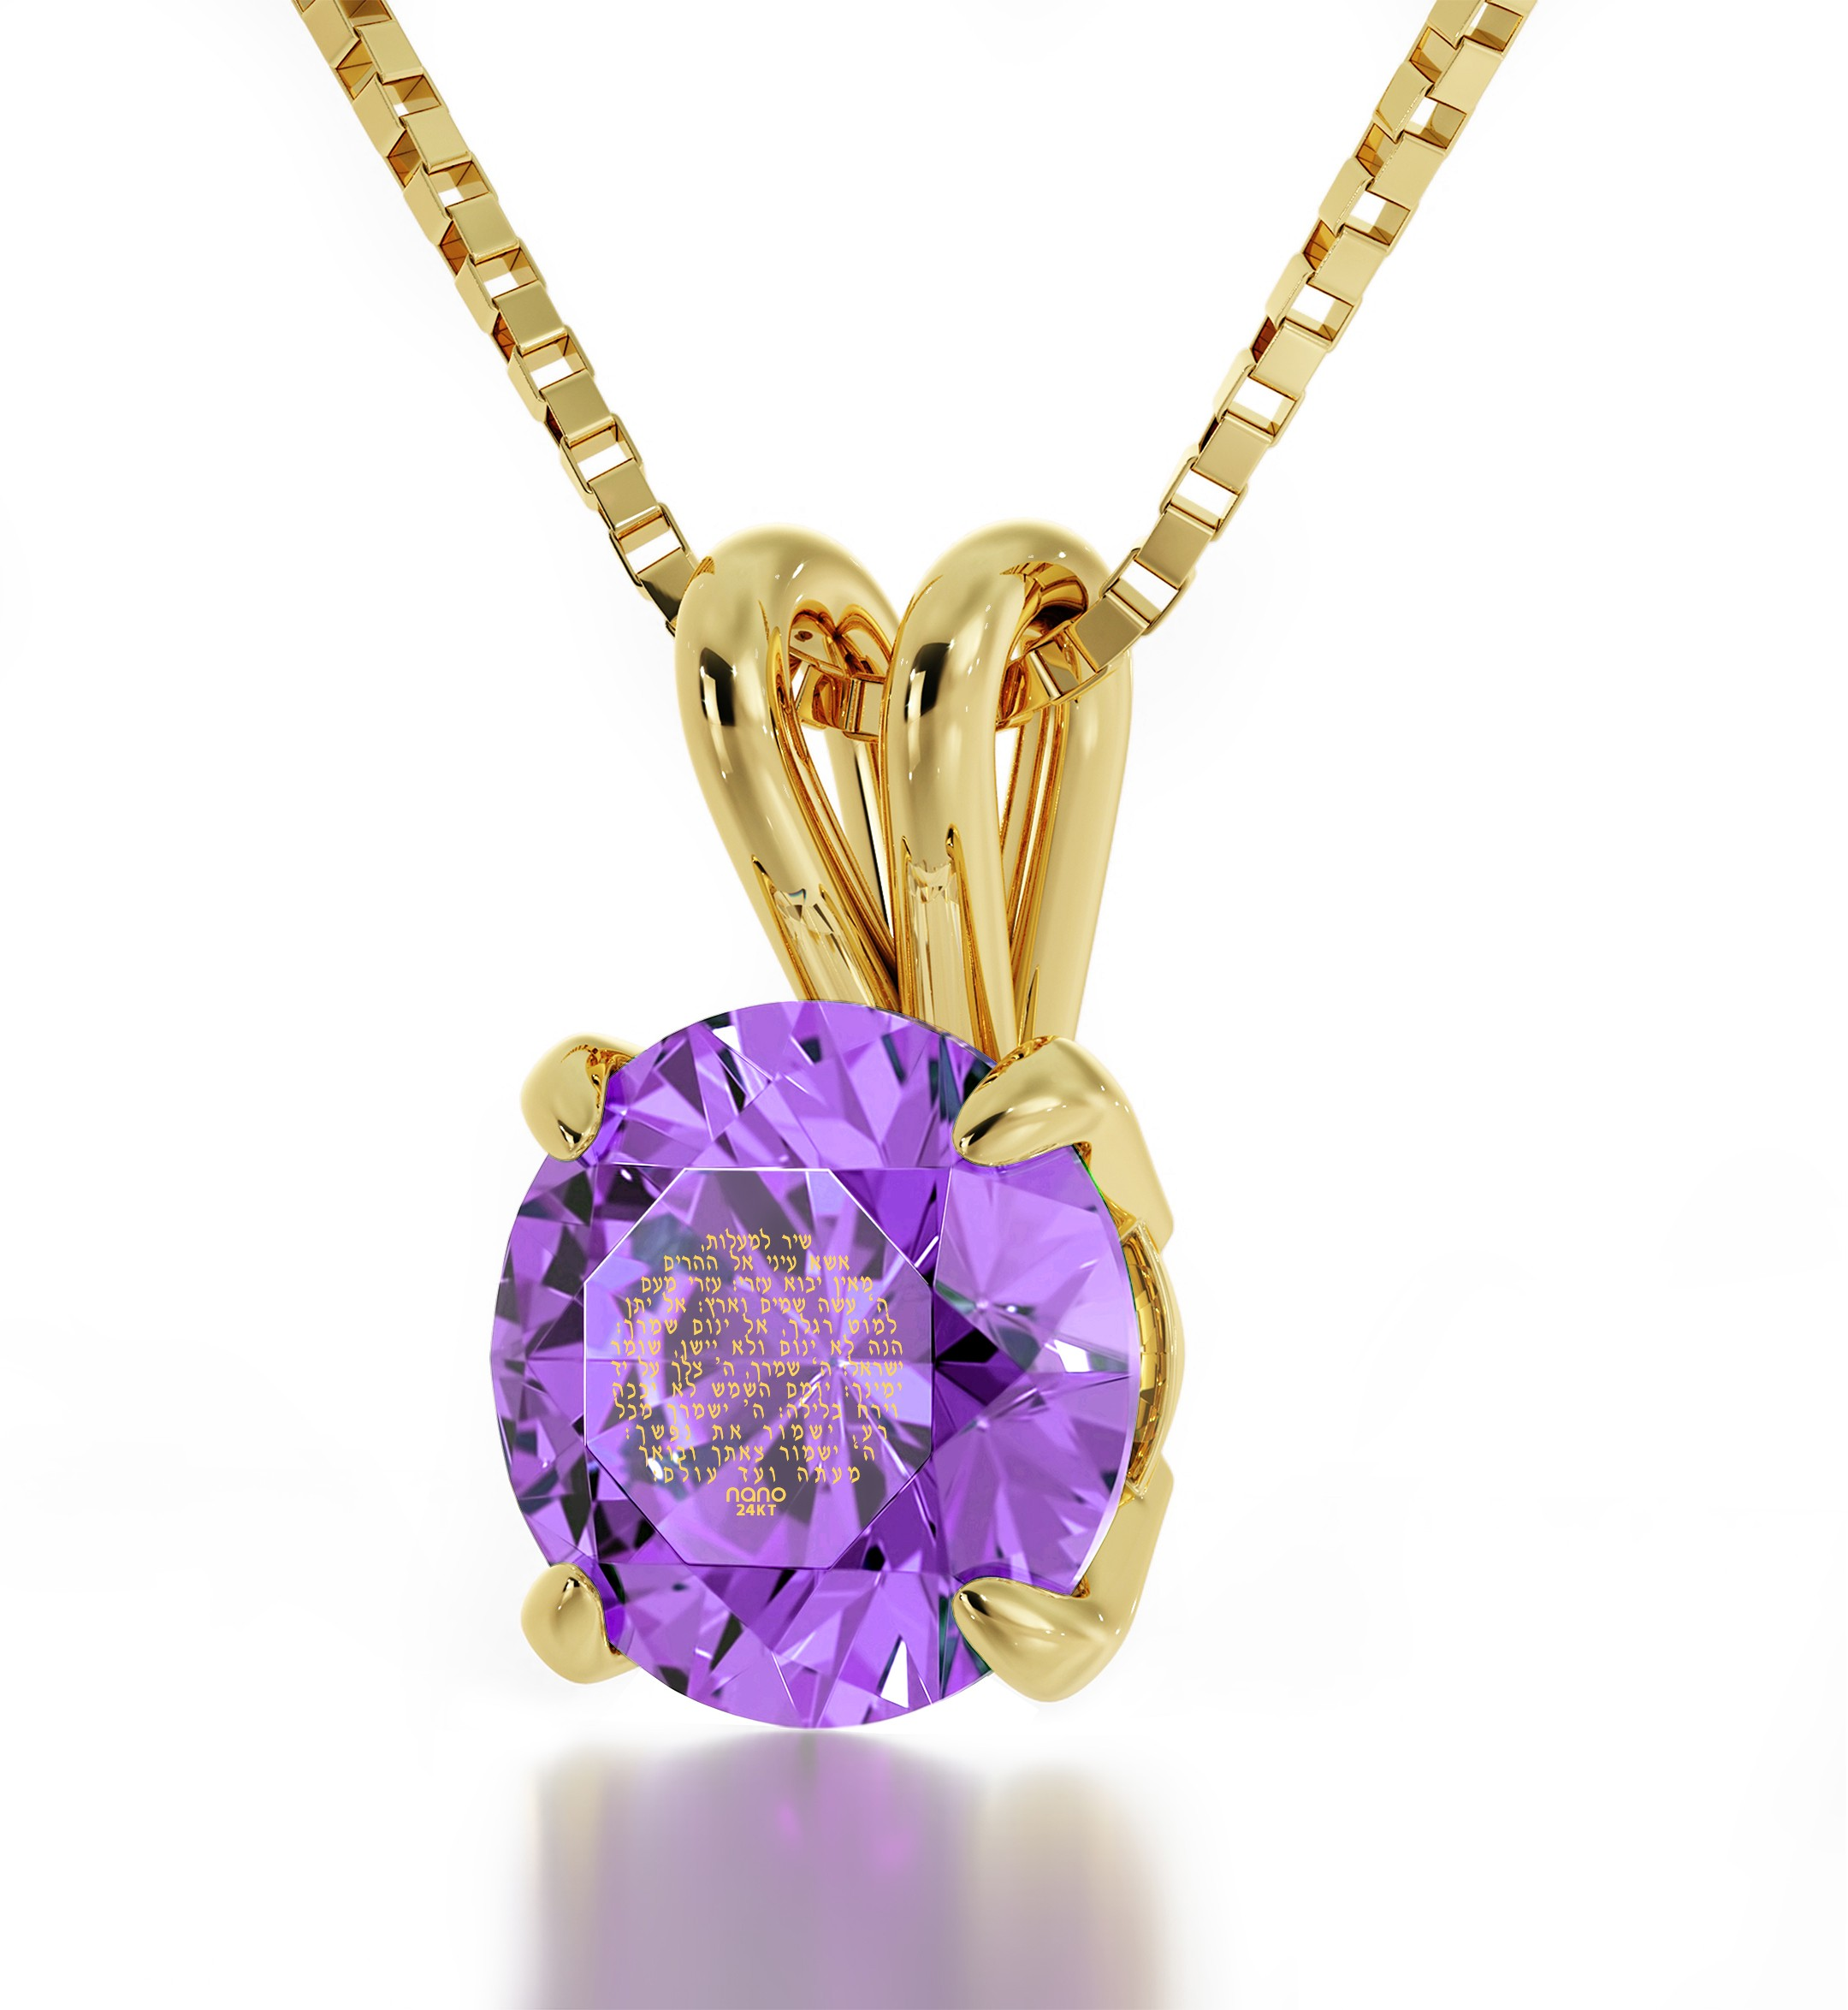 מתנה לסבתא: שרשרת שיר למעלות - מתנה לבת- נאנו תכשיטיםמתנה לסבתא: שרשרת שיר למעלות - מתנה לבת- נאנו תכשיטים